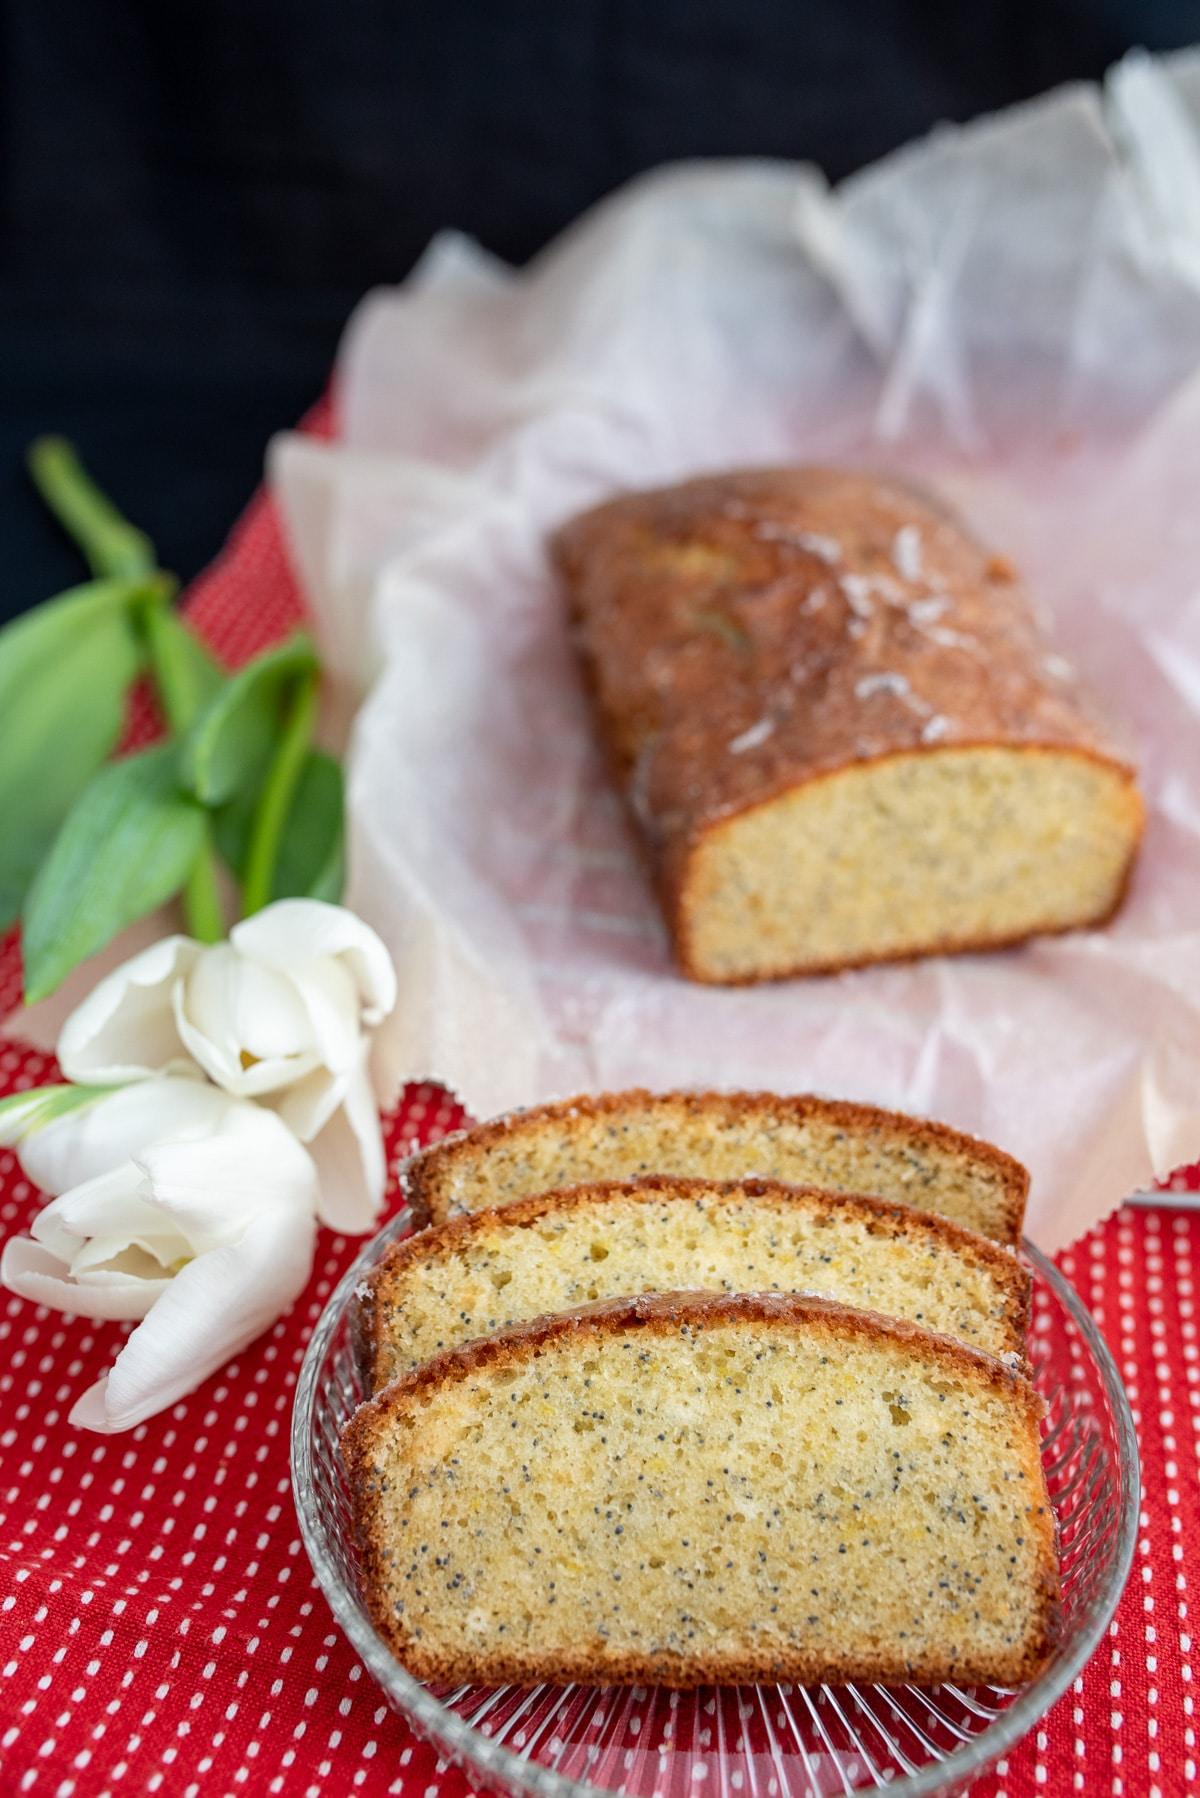 Trzy kawałki ciasta na szklanym talerzyku w tle pozostałe ciasto, po lewej stronie leżą białe tulipany